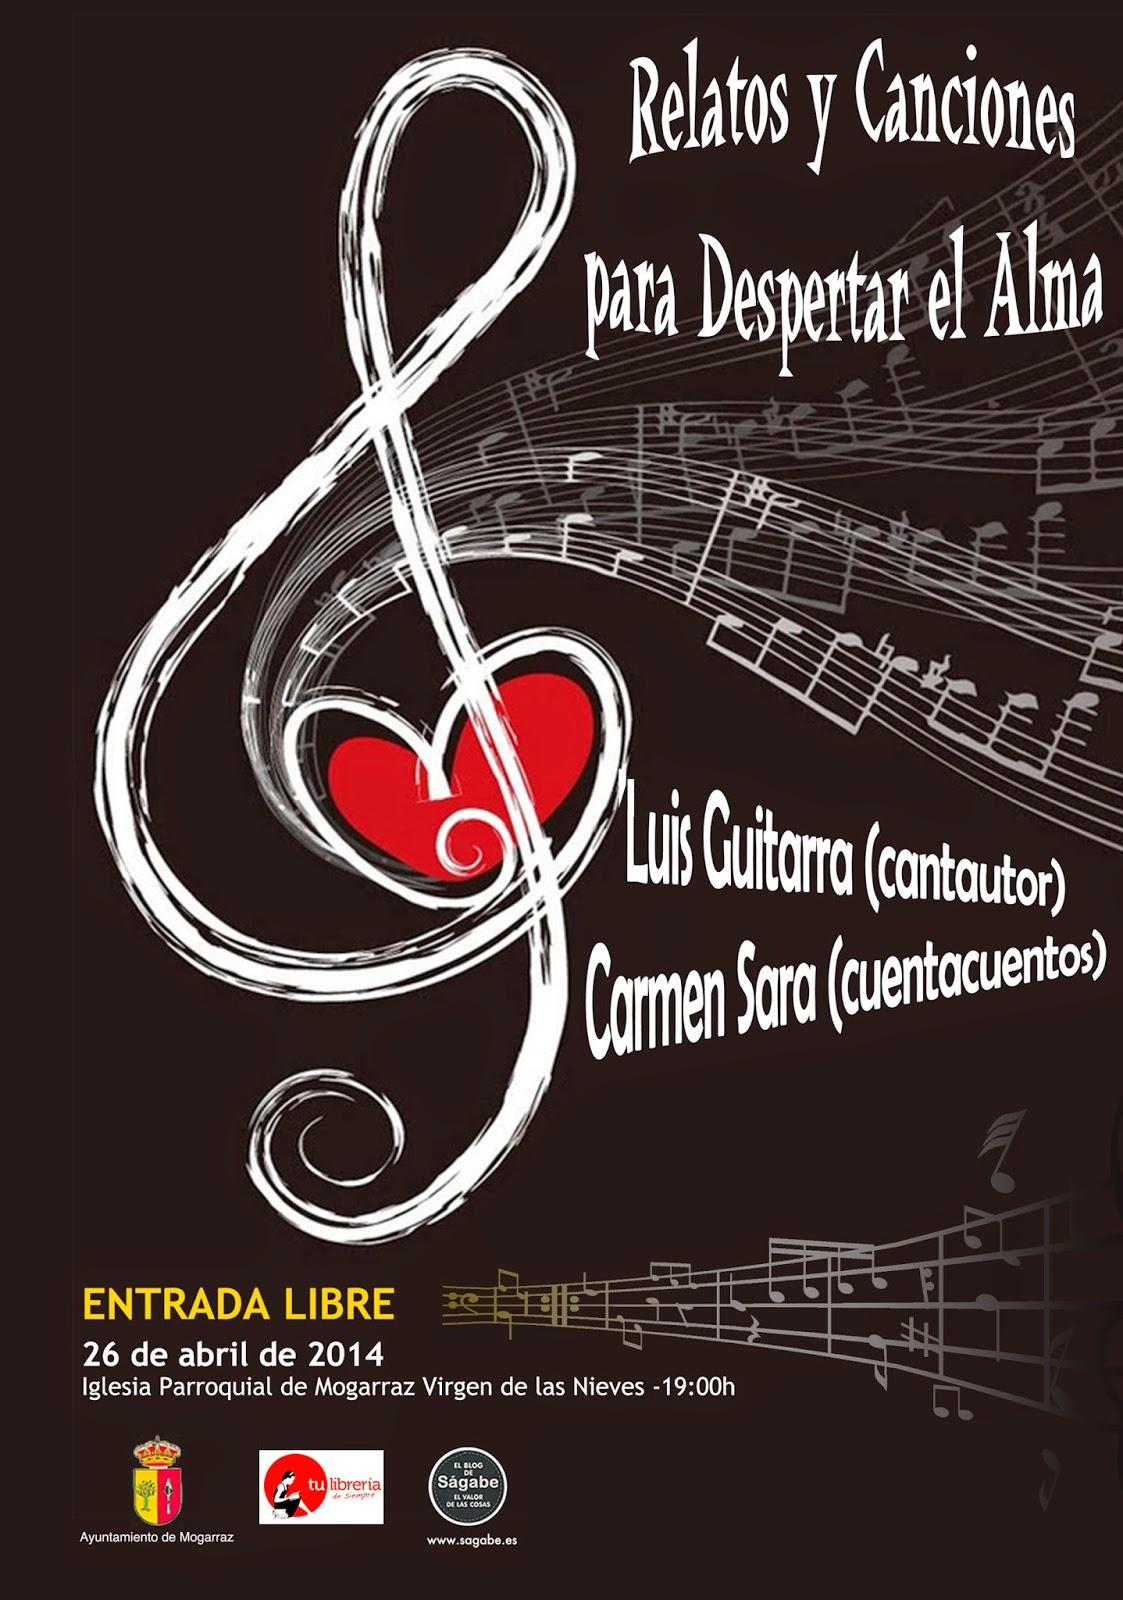 26/Abril. Concierto de Luis Guitarra y Carmen Sara. Mogarraz